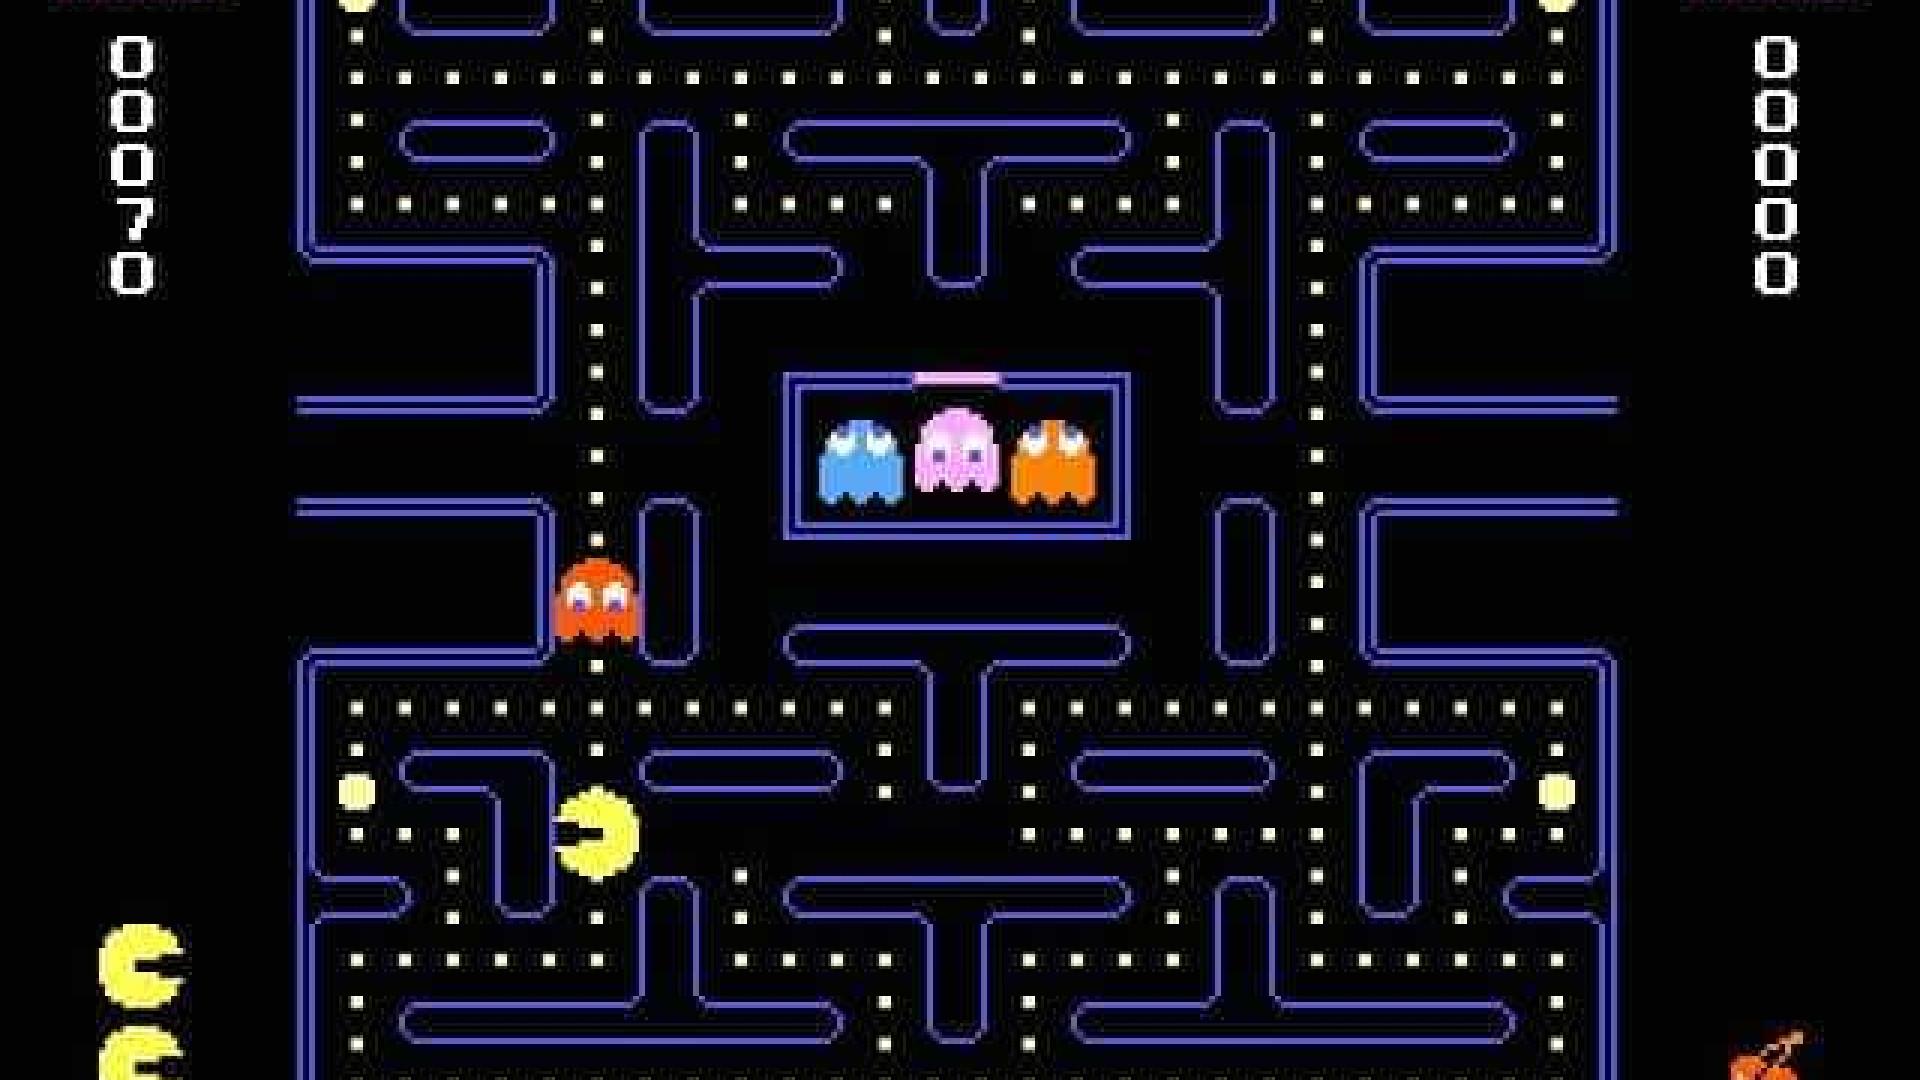 Jogo que marcou gerações, Pac-Man completa 40 anos